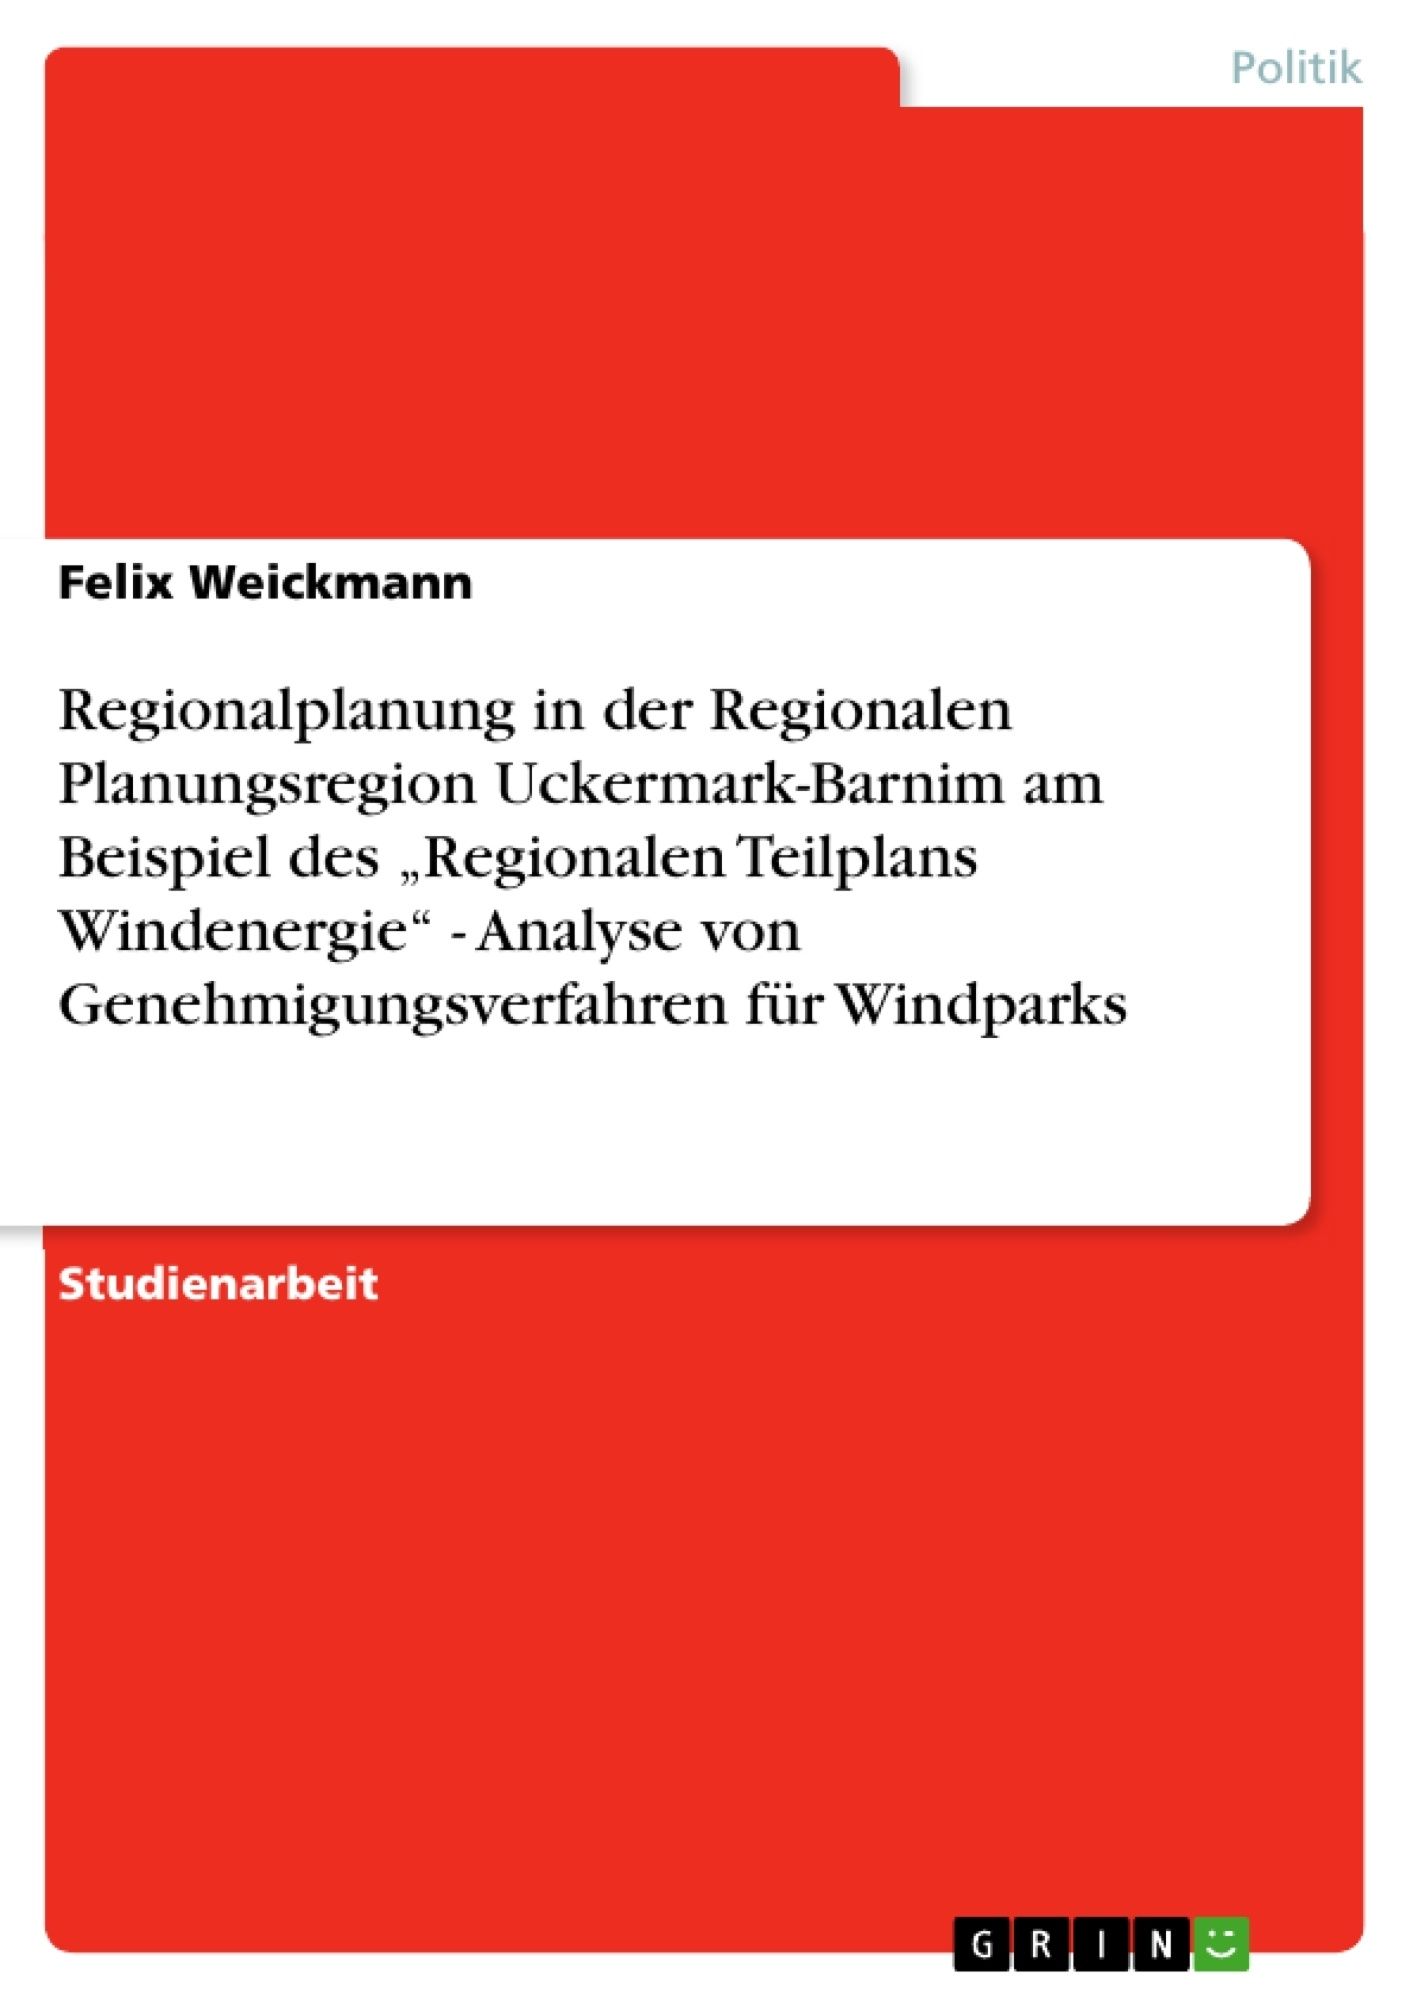 """Titel: Regionalplanung in der Regionalen Planungsregion Uckermark-Barnim am Beispiel des """"Regionalen Teilplans Windenergie""""    -   Analyse von Genehmigungsverfahren für Windparks"""